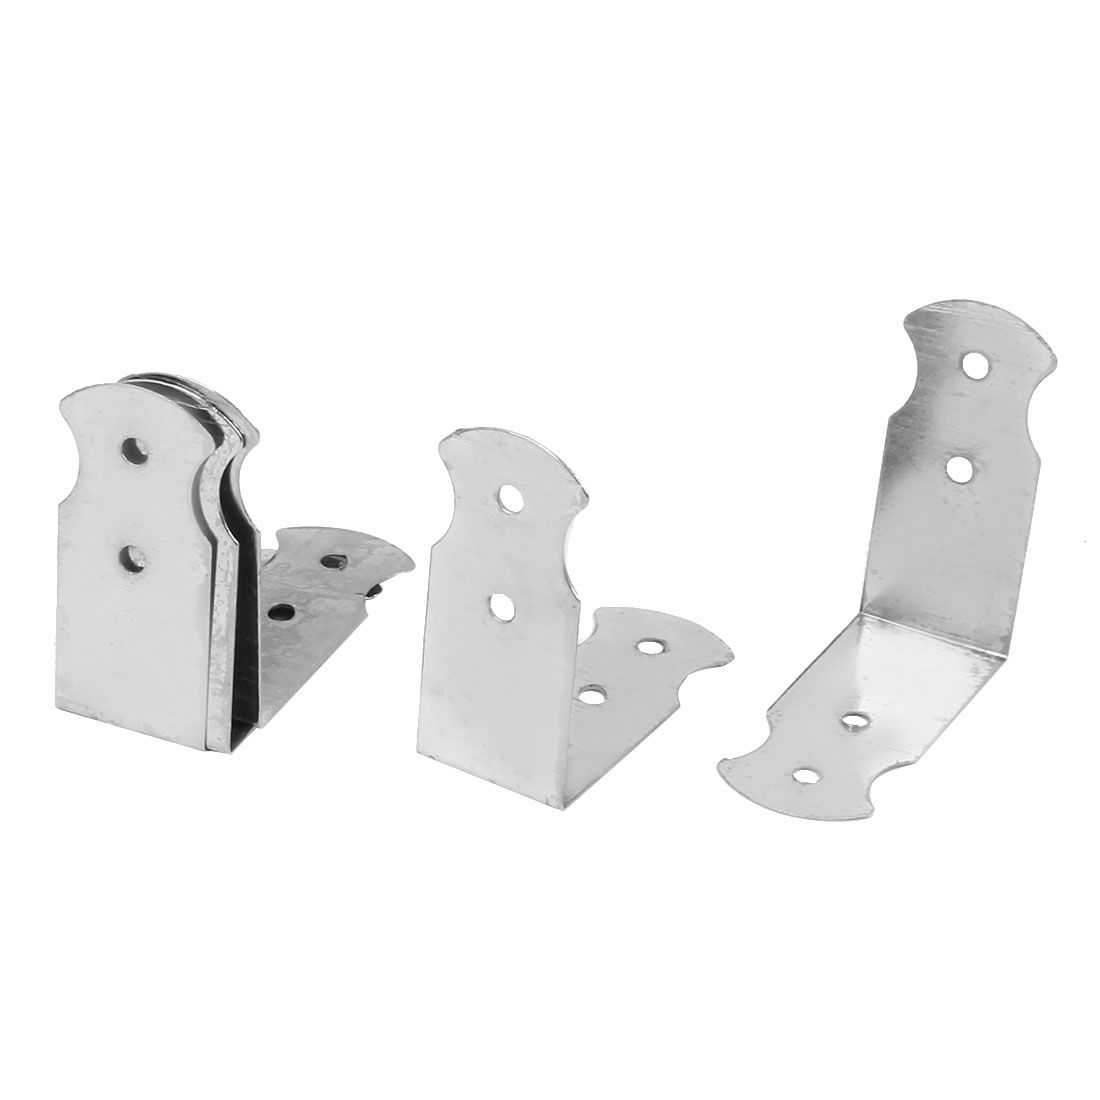 Right Angle Case Box Edge Cover Corner Guards Protectors Silver Tone 5pcs